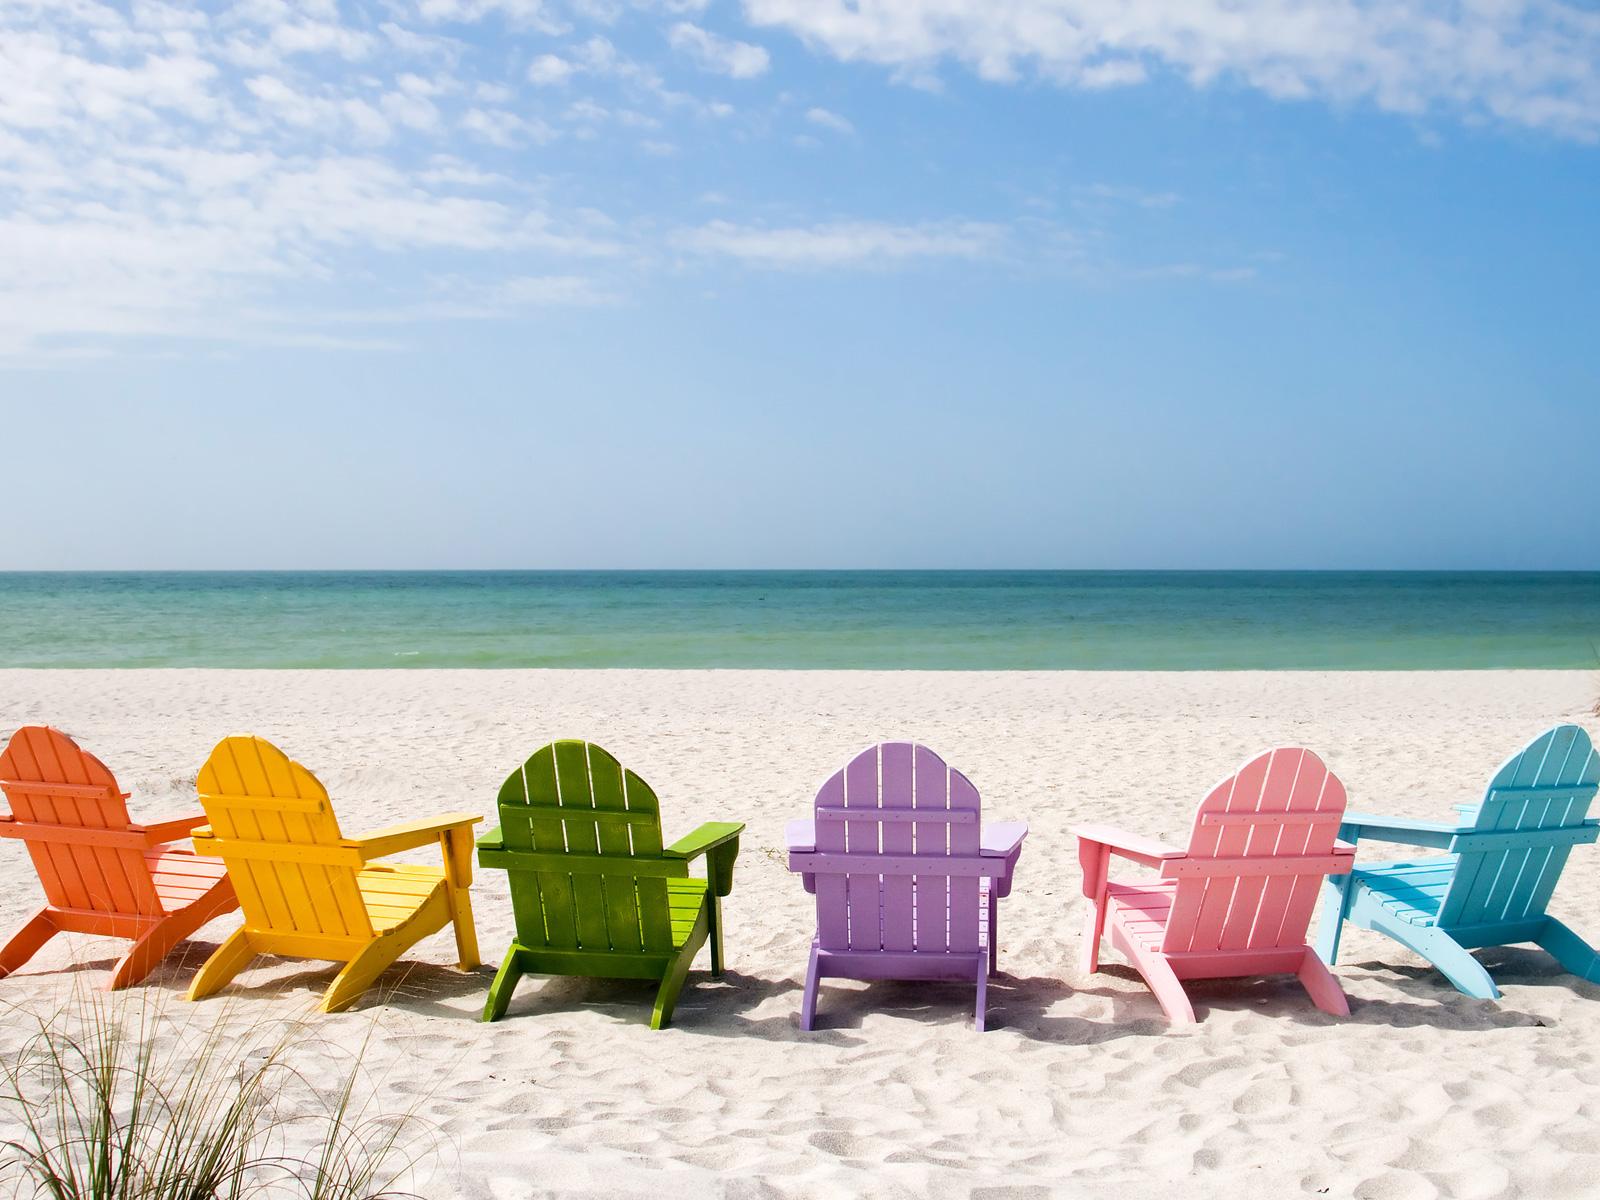 com  The best top desktop beach wallpapers hd beach wallpaper 2jpg 1600x1200